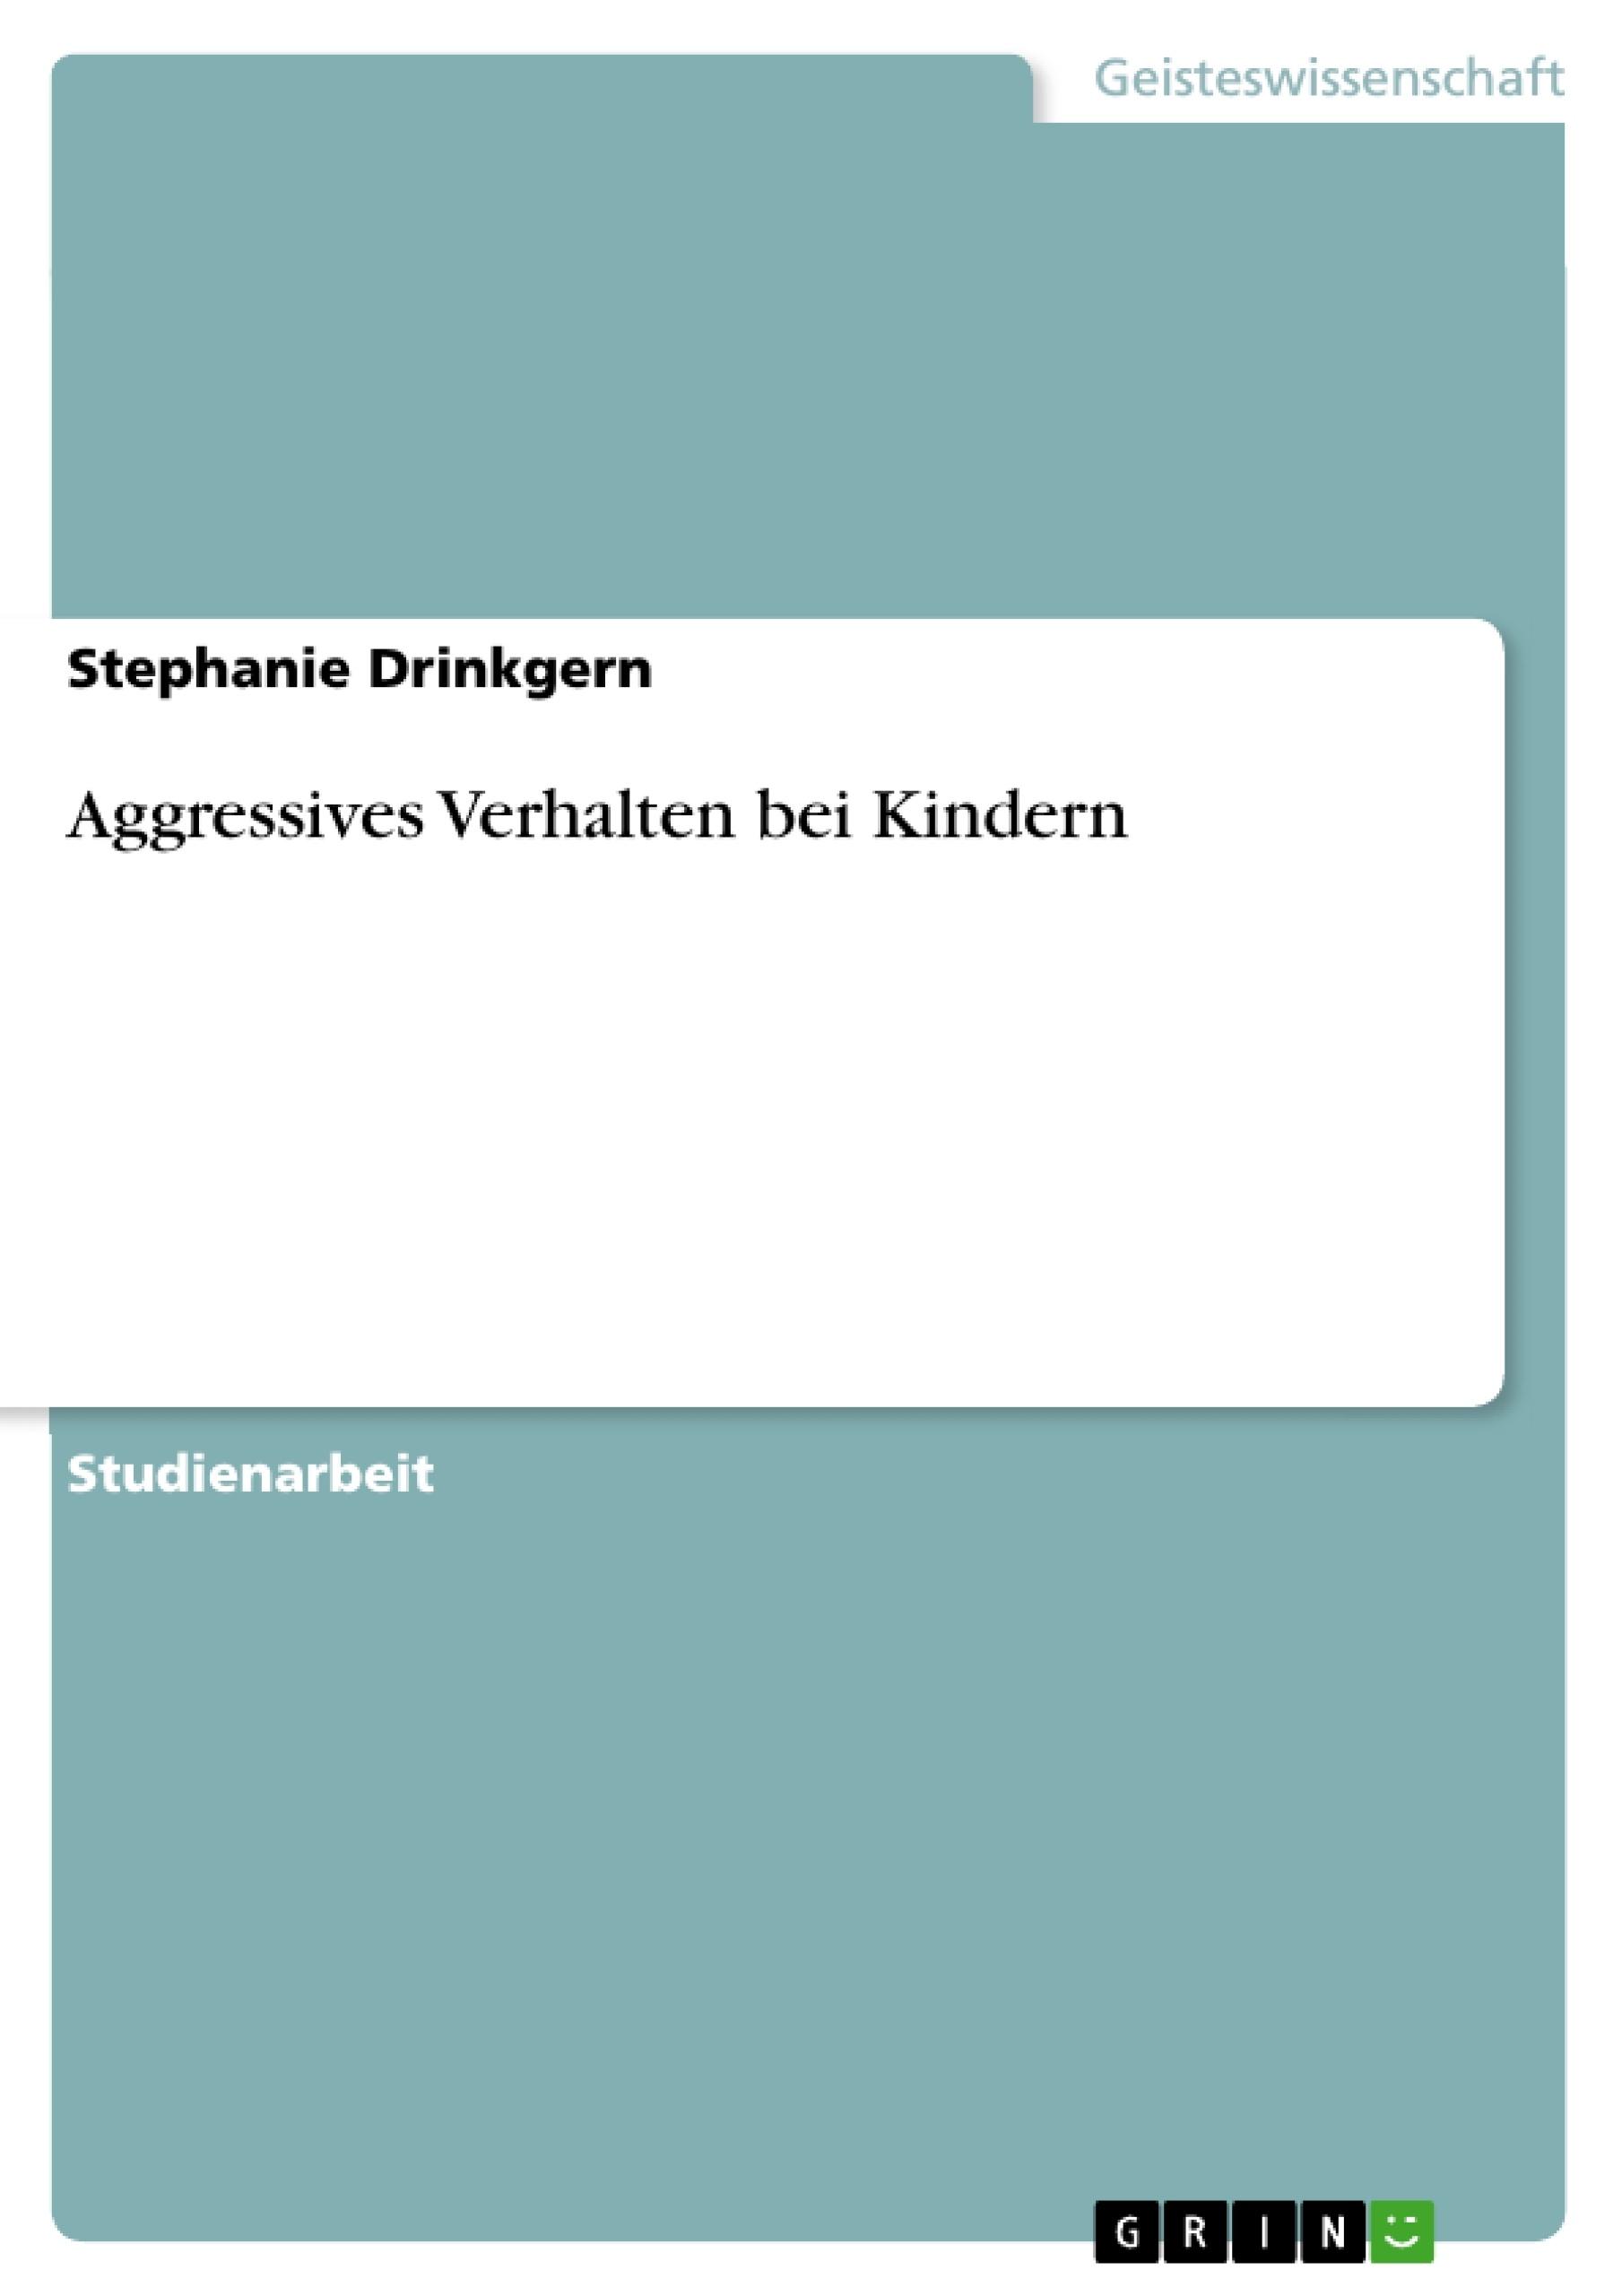 Titel: Aggressives Verhalten bei Kindern